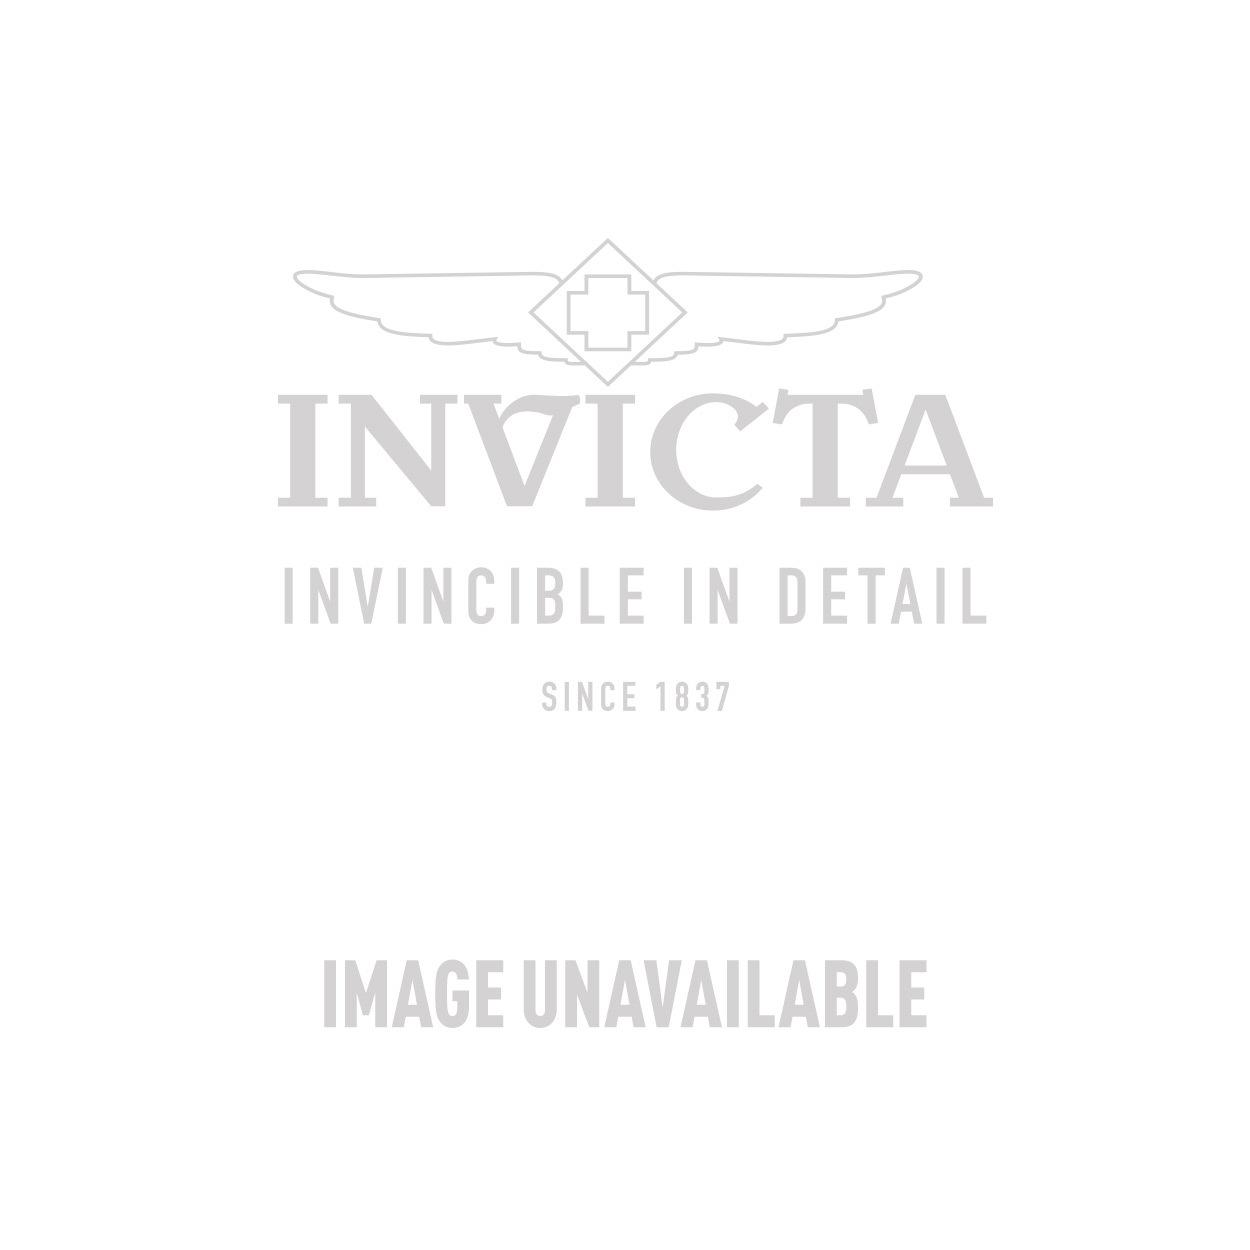 Invicta Model 25028